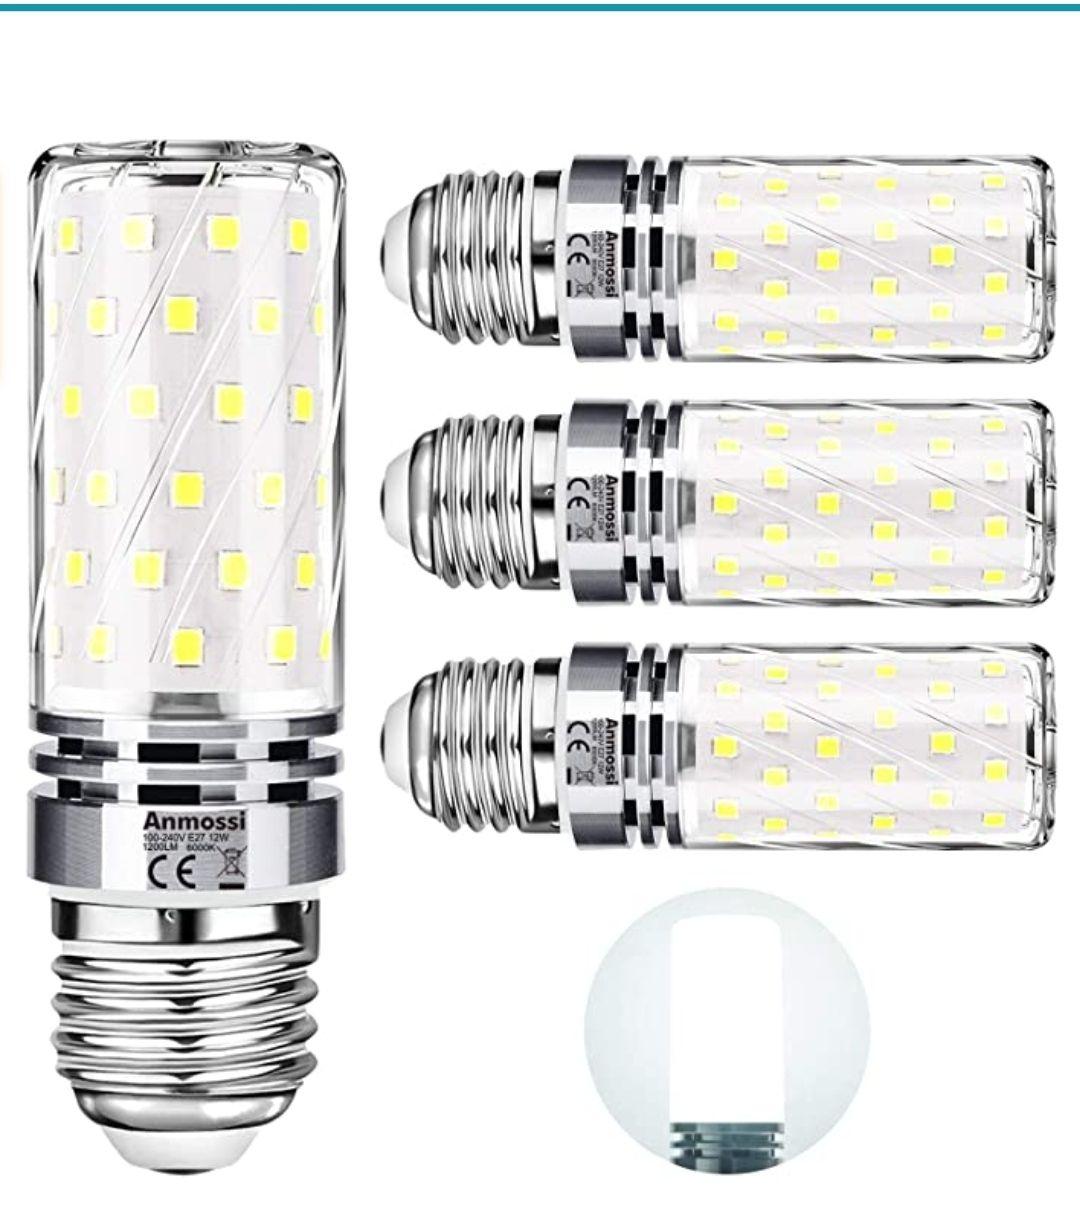 Bombillas LED E27,12W. Equivalente a 100W, 4 unidades [Clase de eficiencia energética A+]